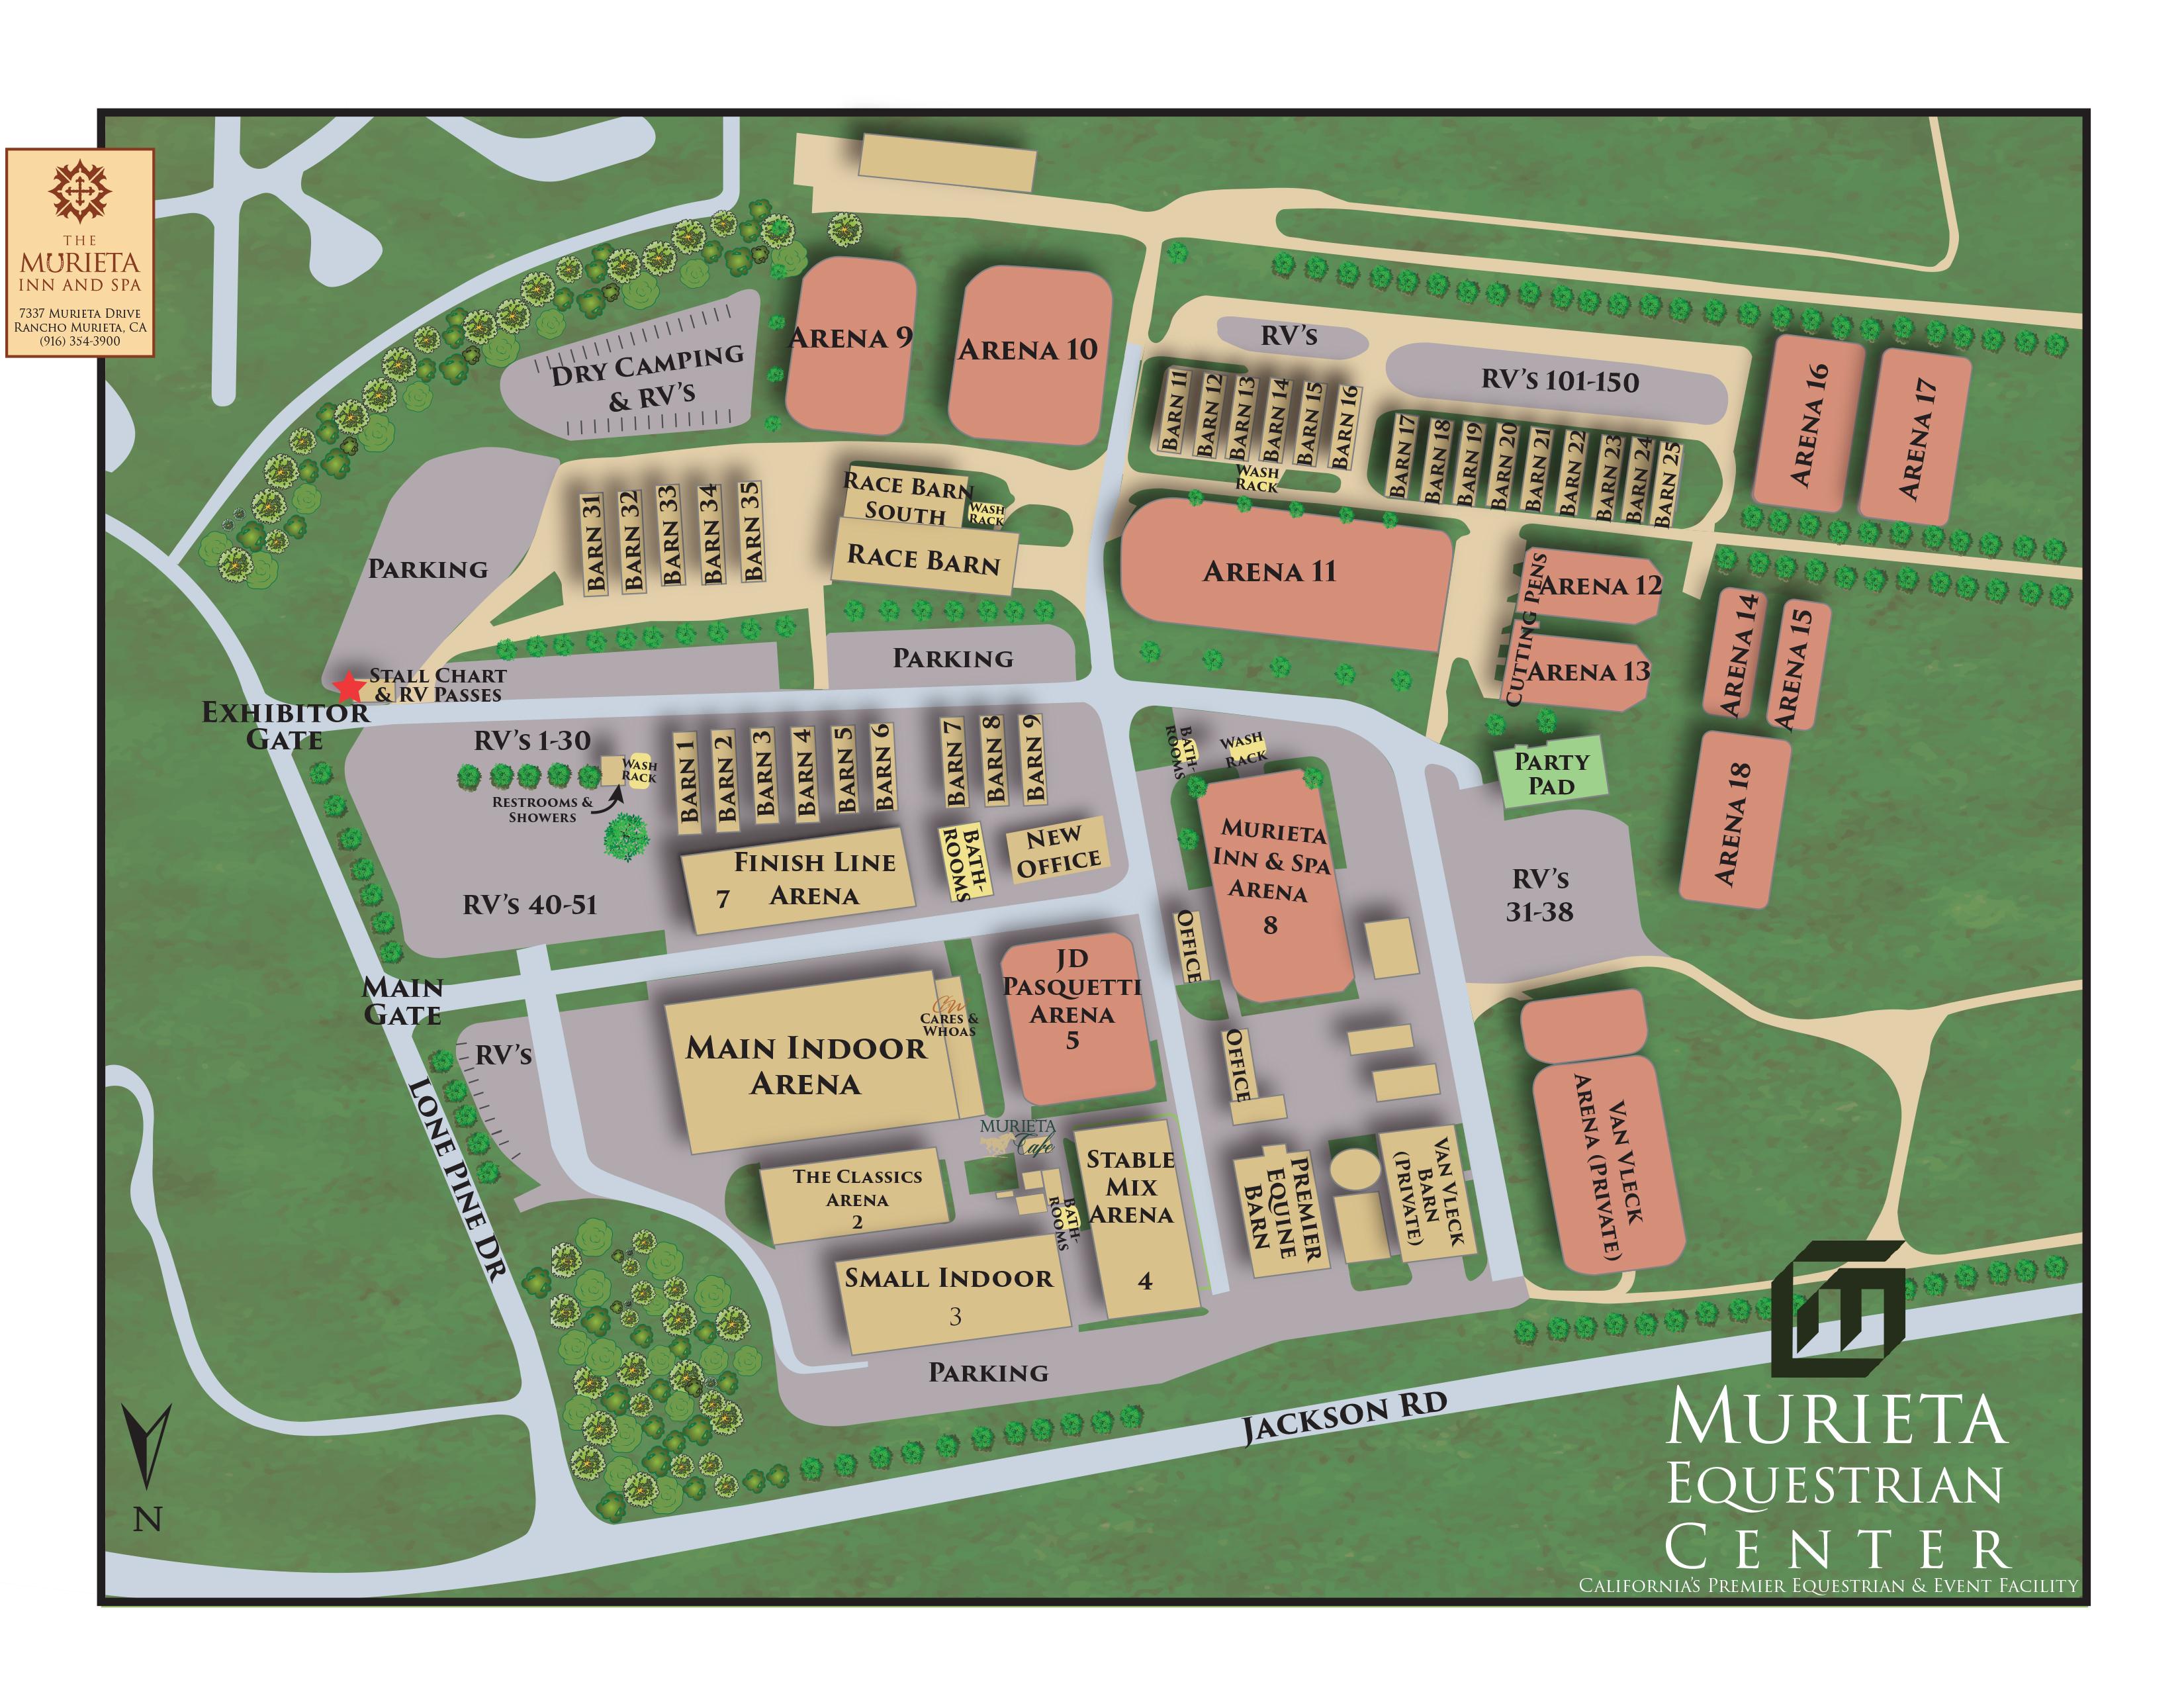 Facility Murieta Equestrian Center